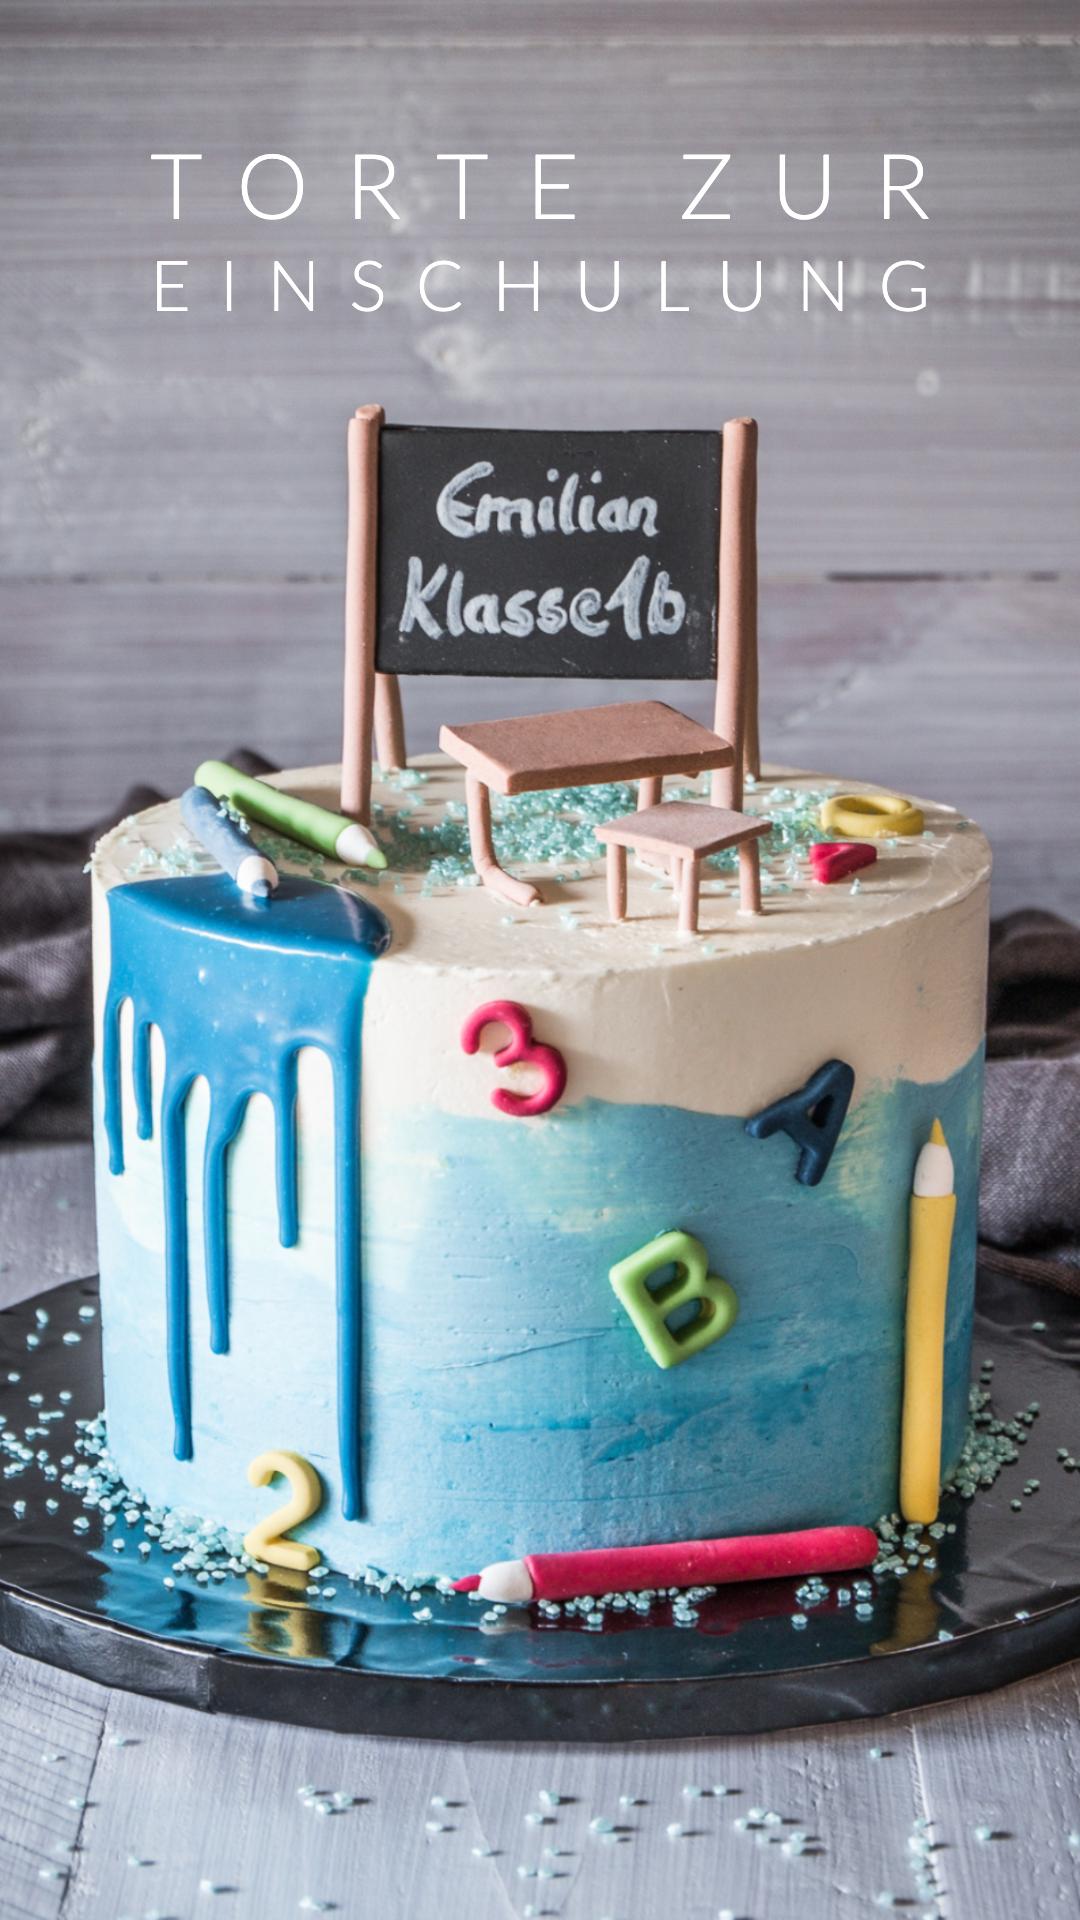 Torte Zur Einschulung Ahalni Sweet Home Torte Einschulung Kuchen Einschulung Schokoladenkuchenrezept